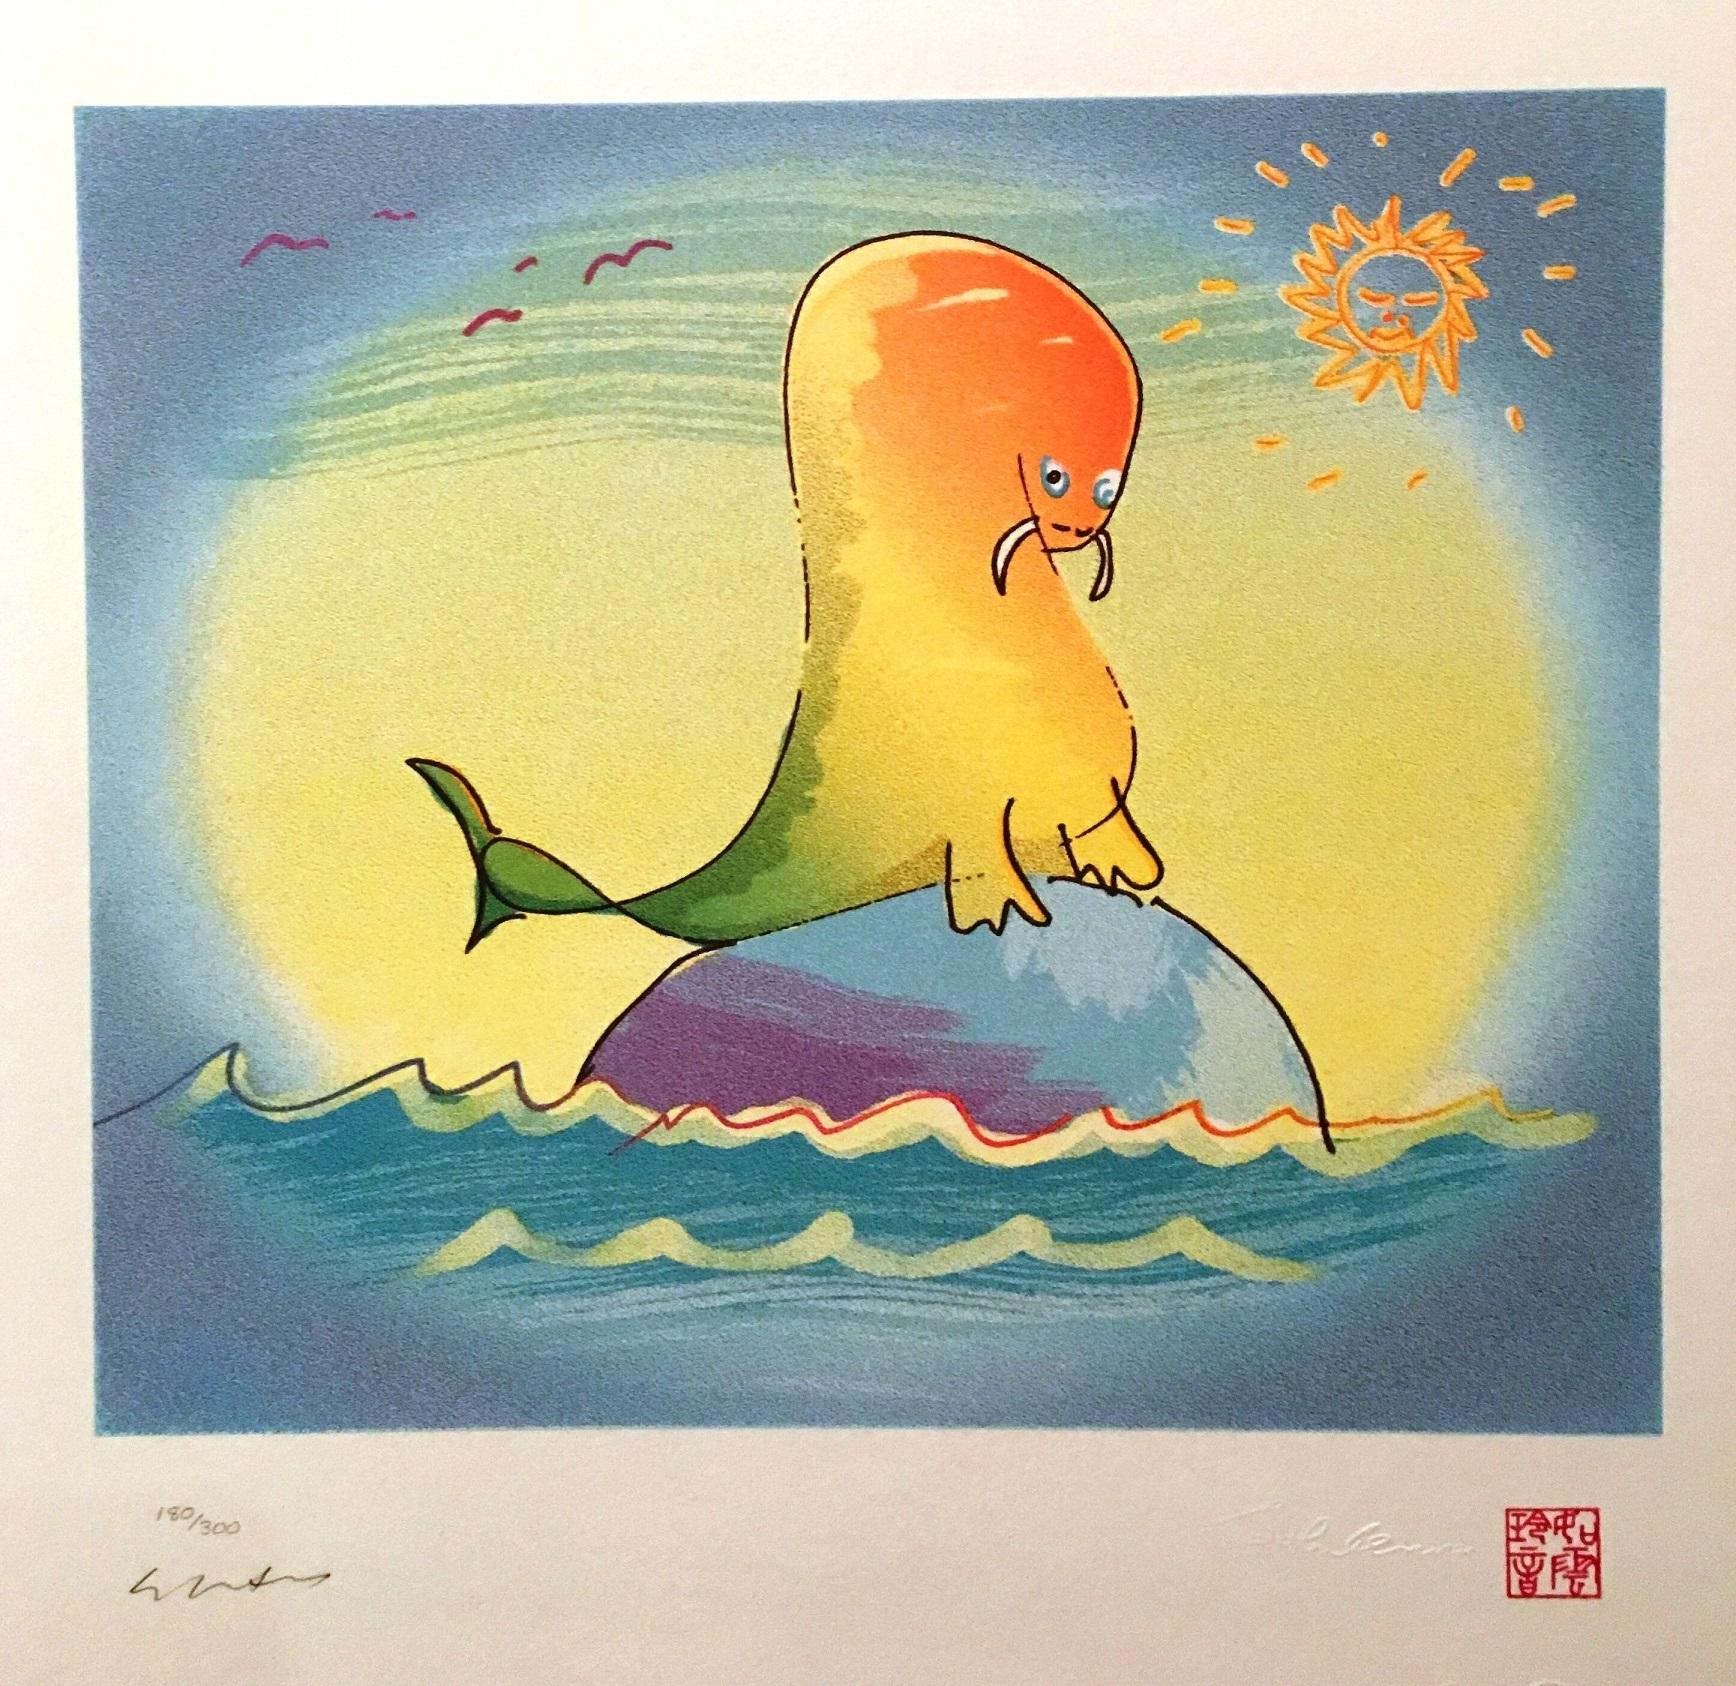 Walrus Wading artwork by John Lennon - art listed for sale on Artplode